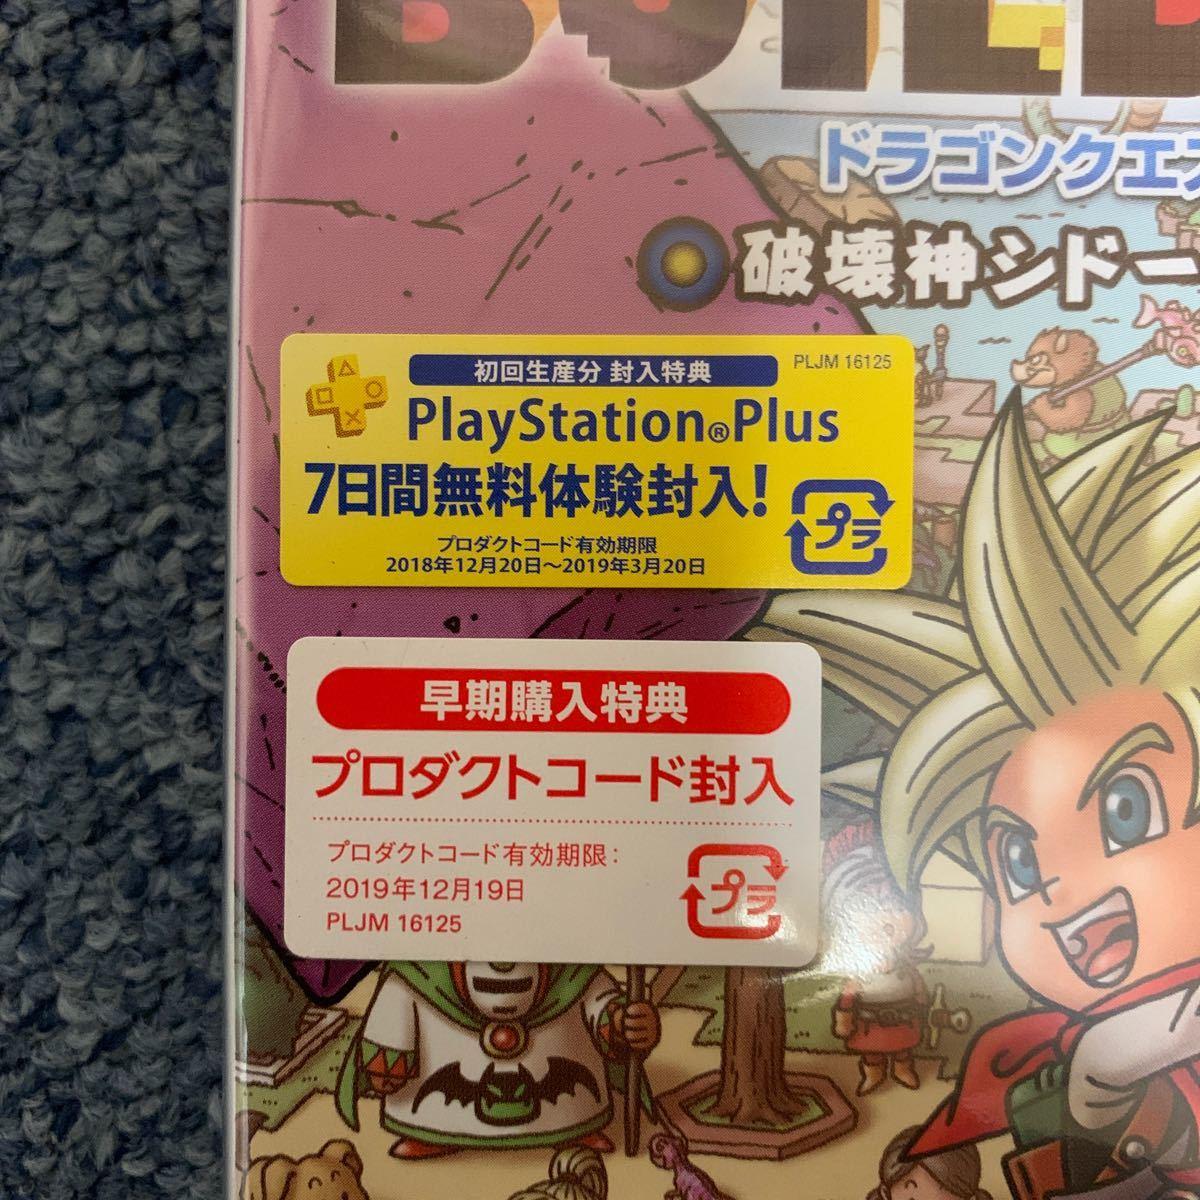 【PS4】 ドラゴンクエストビルダーズ2 破壊神シドーとからっぽの島